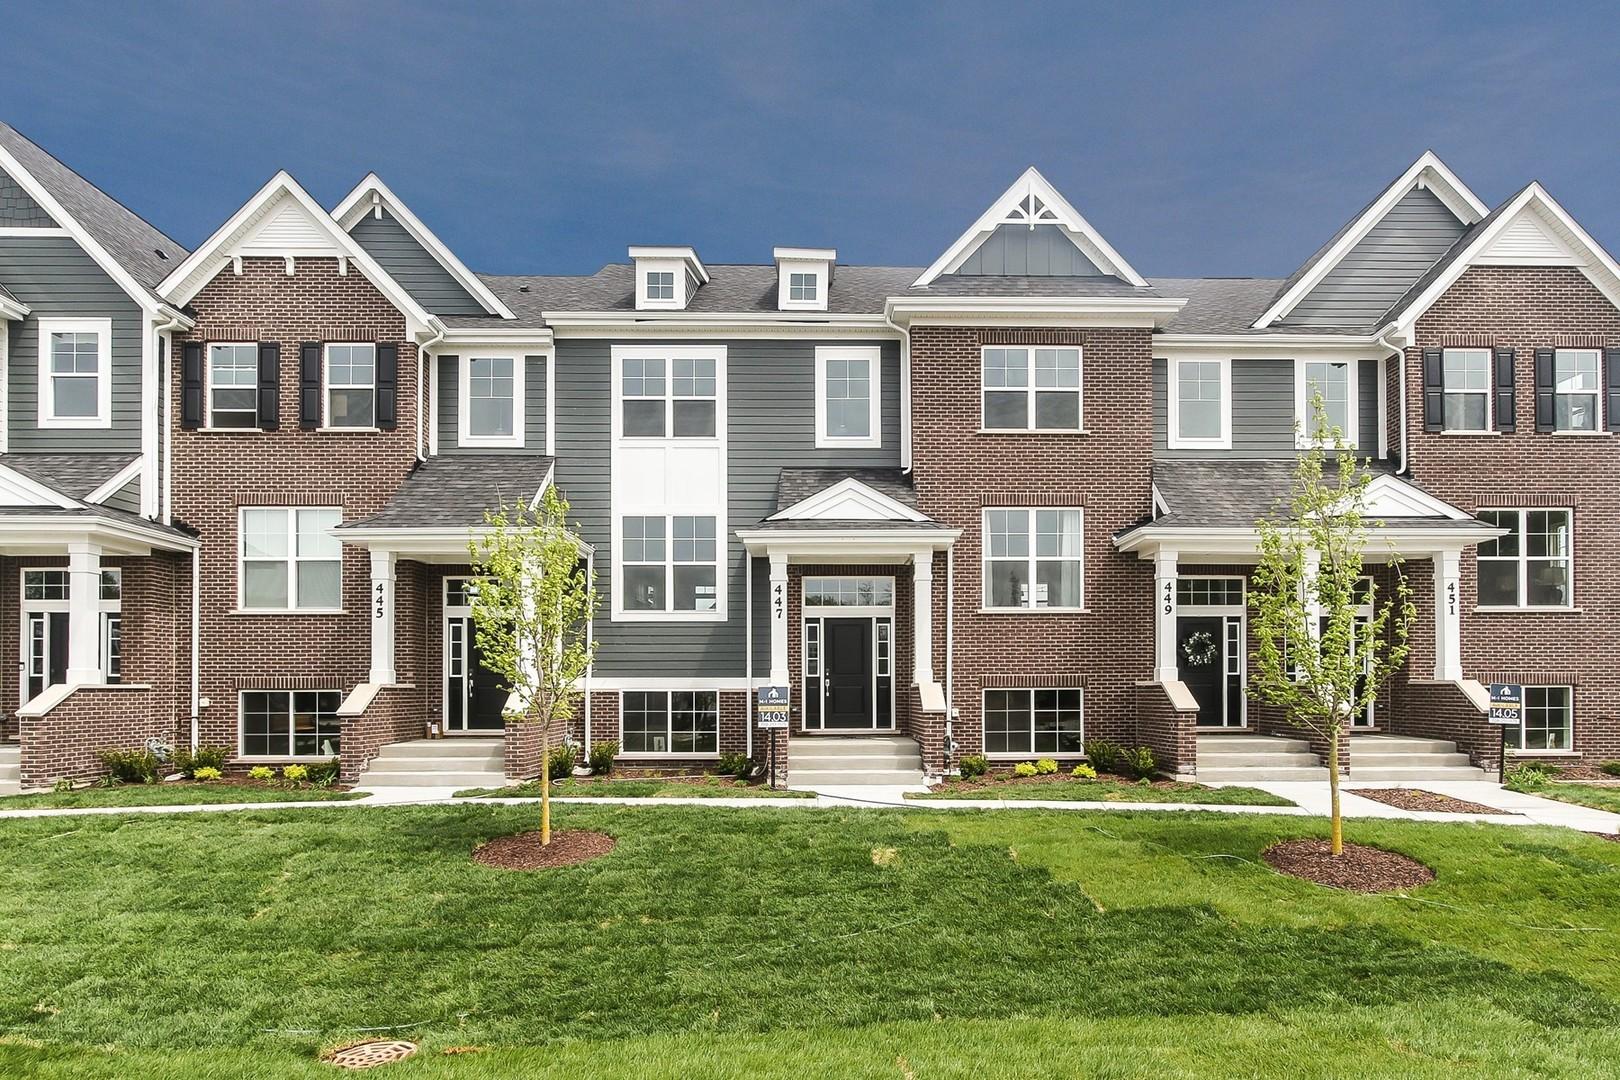 447 Ashley Lot 140.3 Avenue, La Grange in Cook County, IL 60525 Home for Sale